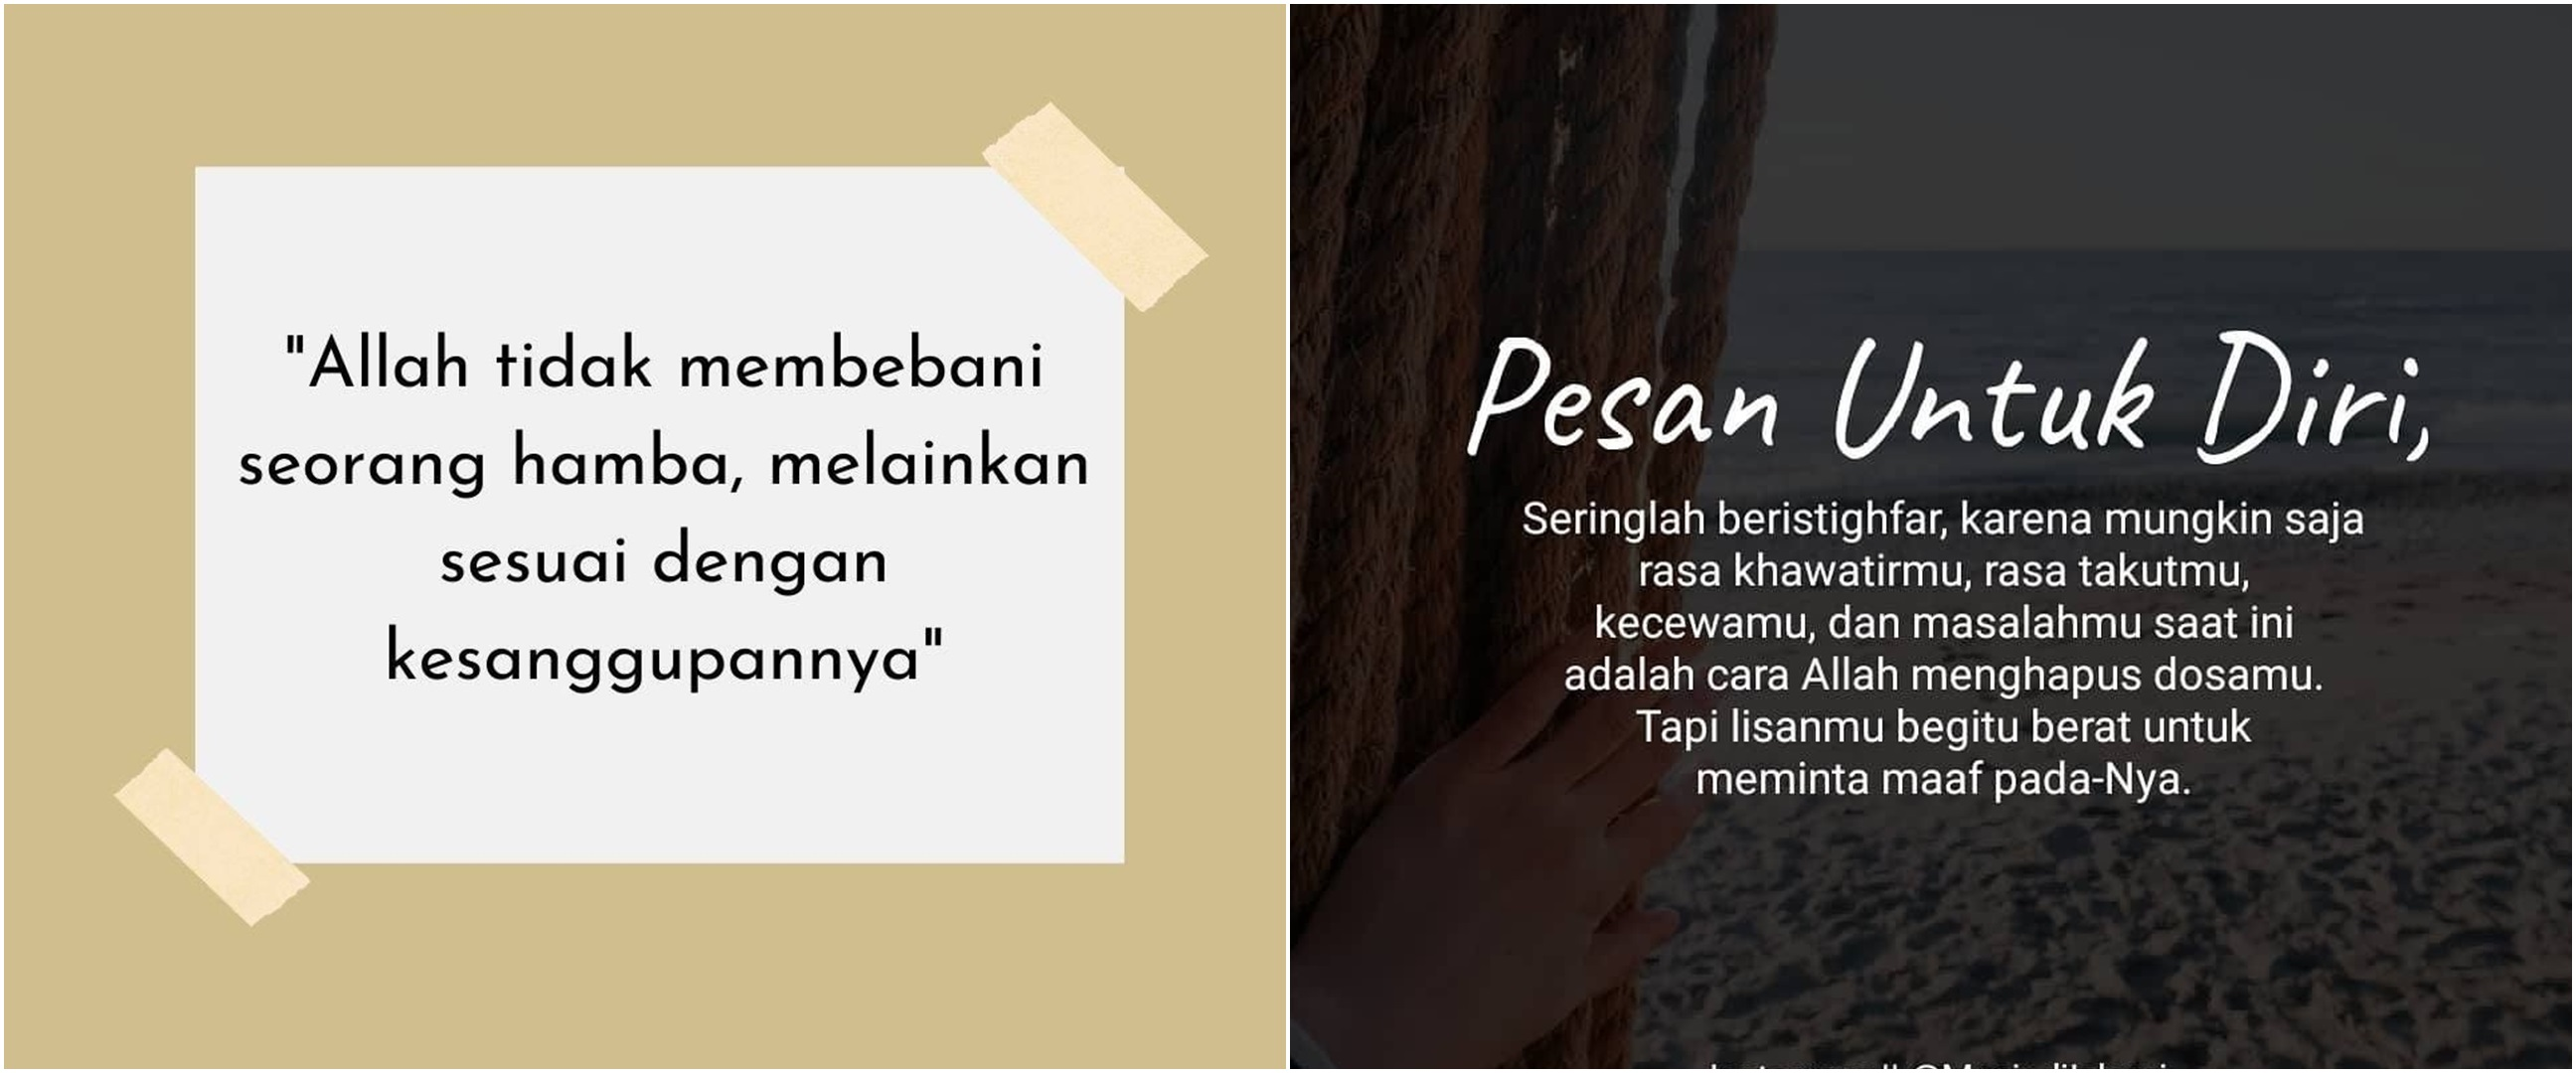 40 Kata-kata bijak Islami tentang kesedihan, bikin hati tenang